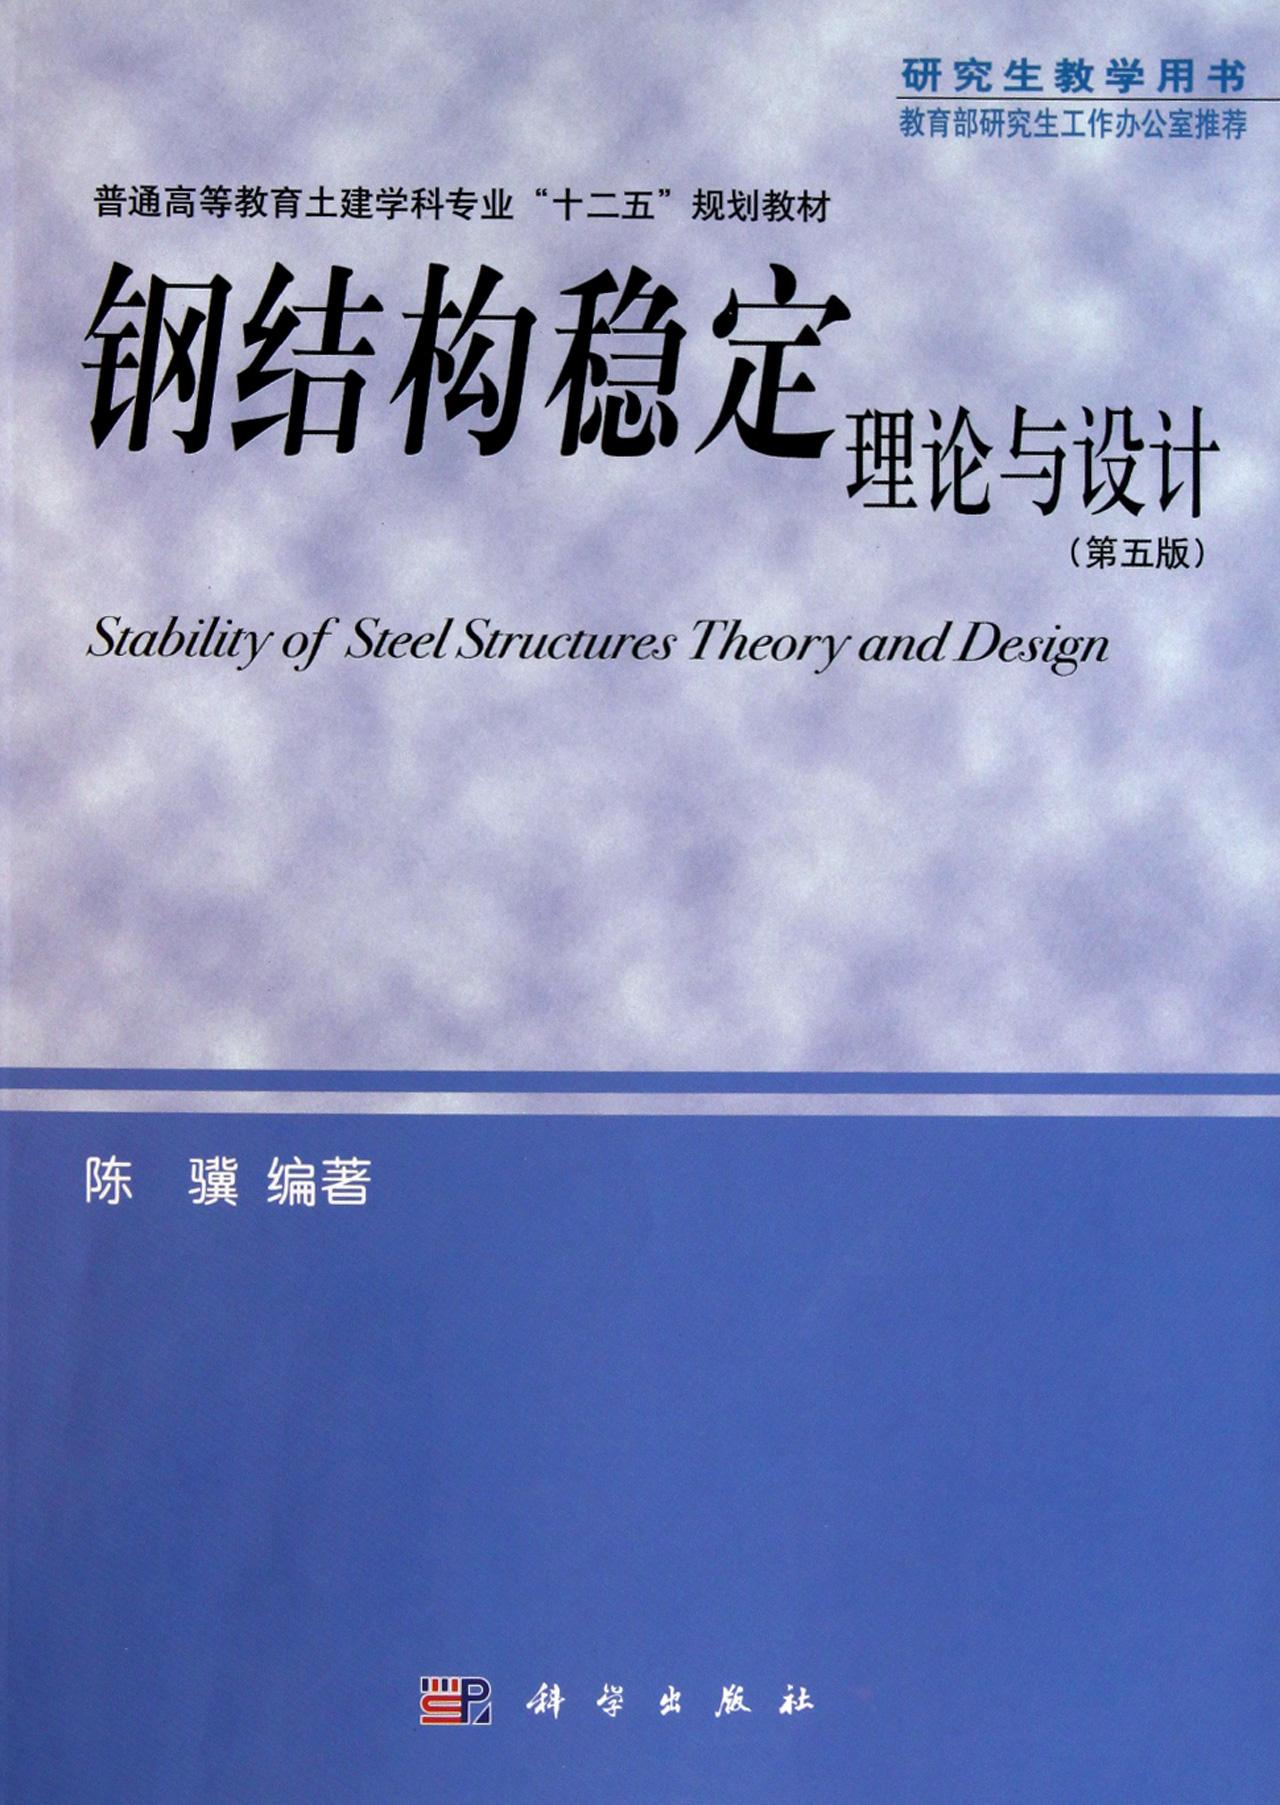 钢结构稳定理论与设计(第5版普通高等教育土建学科专业十二五规划教材